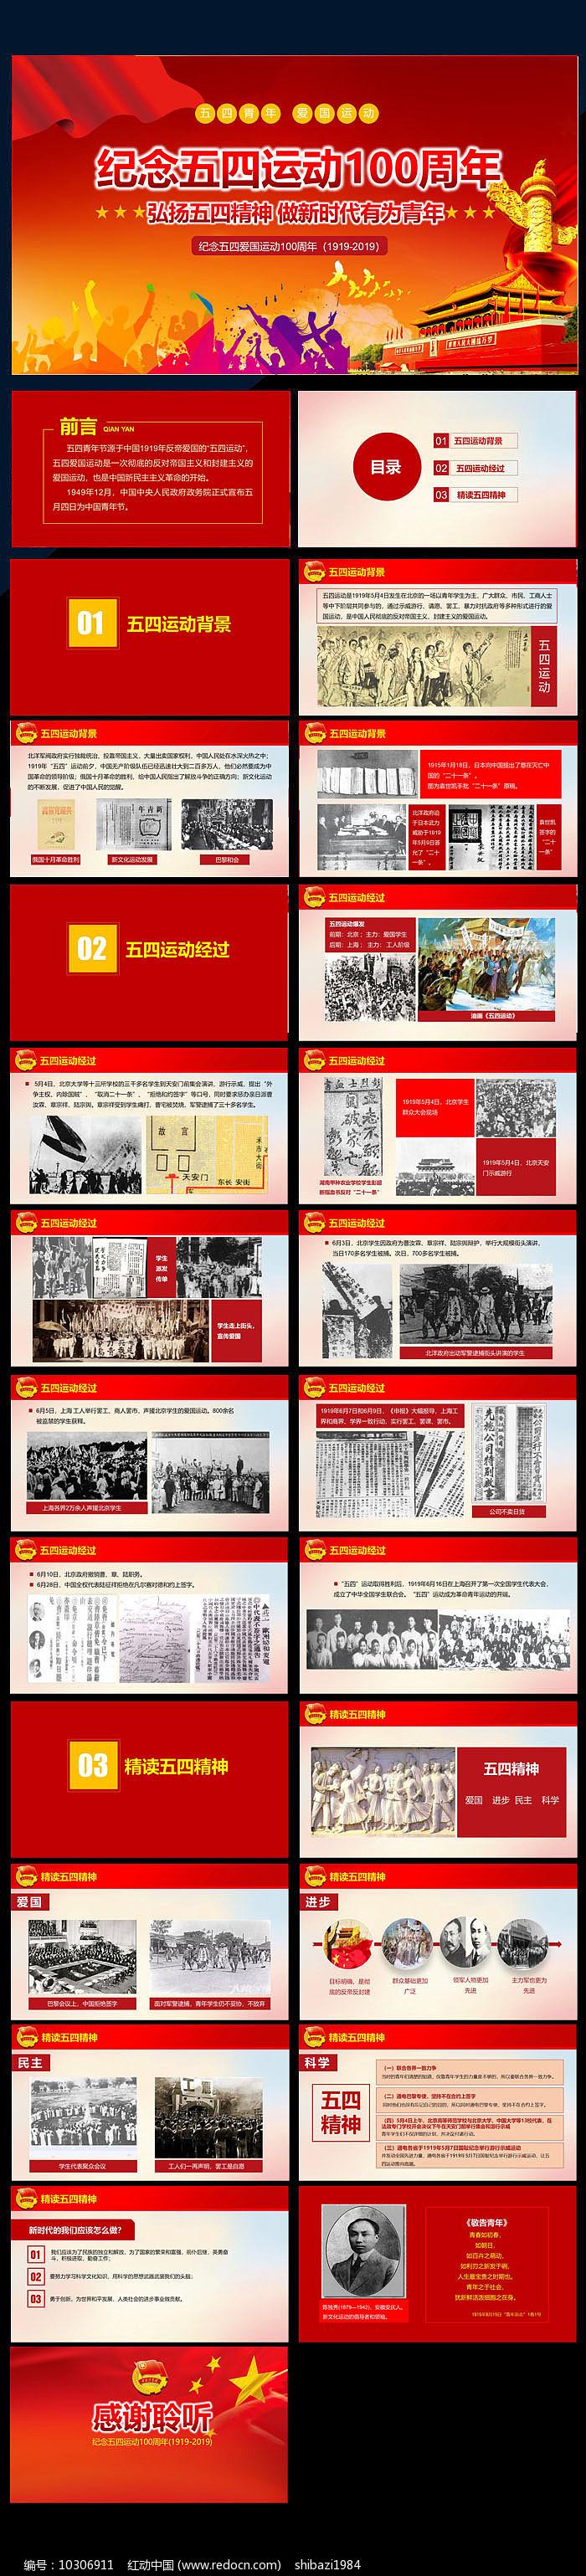 纪念五四运动100周年PPT图片